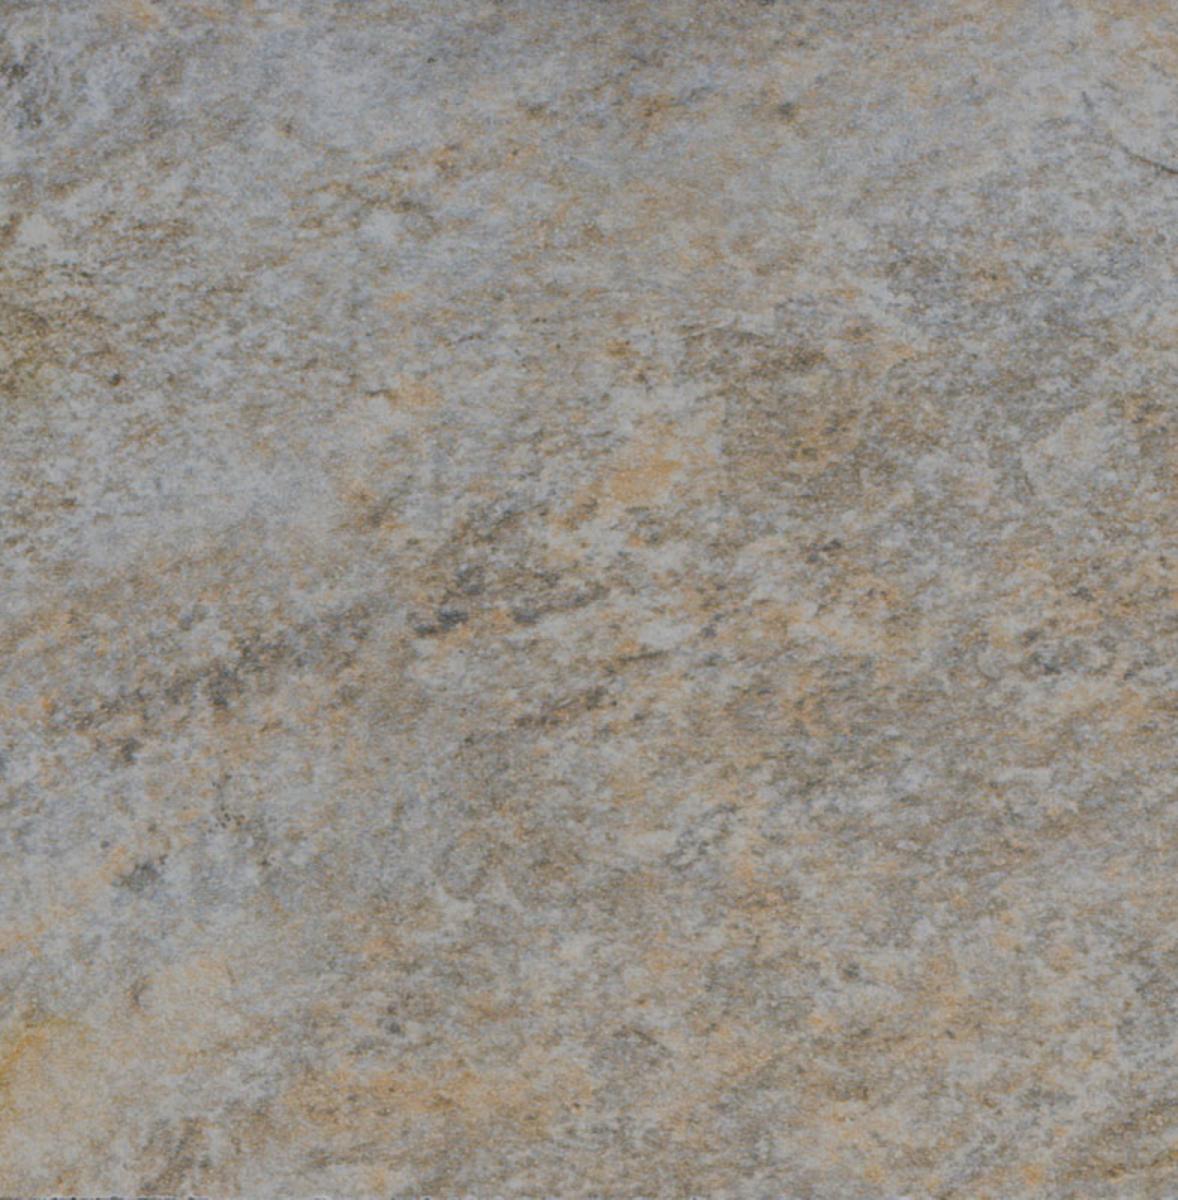 Simulated quartzite grey national pool tile ctileplusonline dailygadgetfo Choice Image